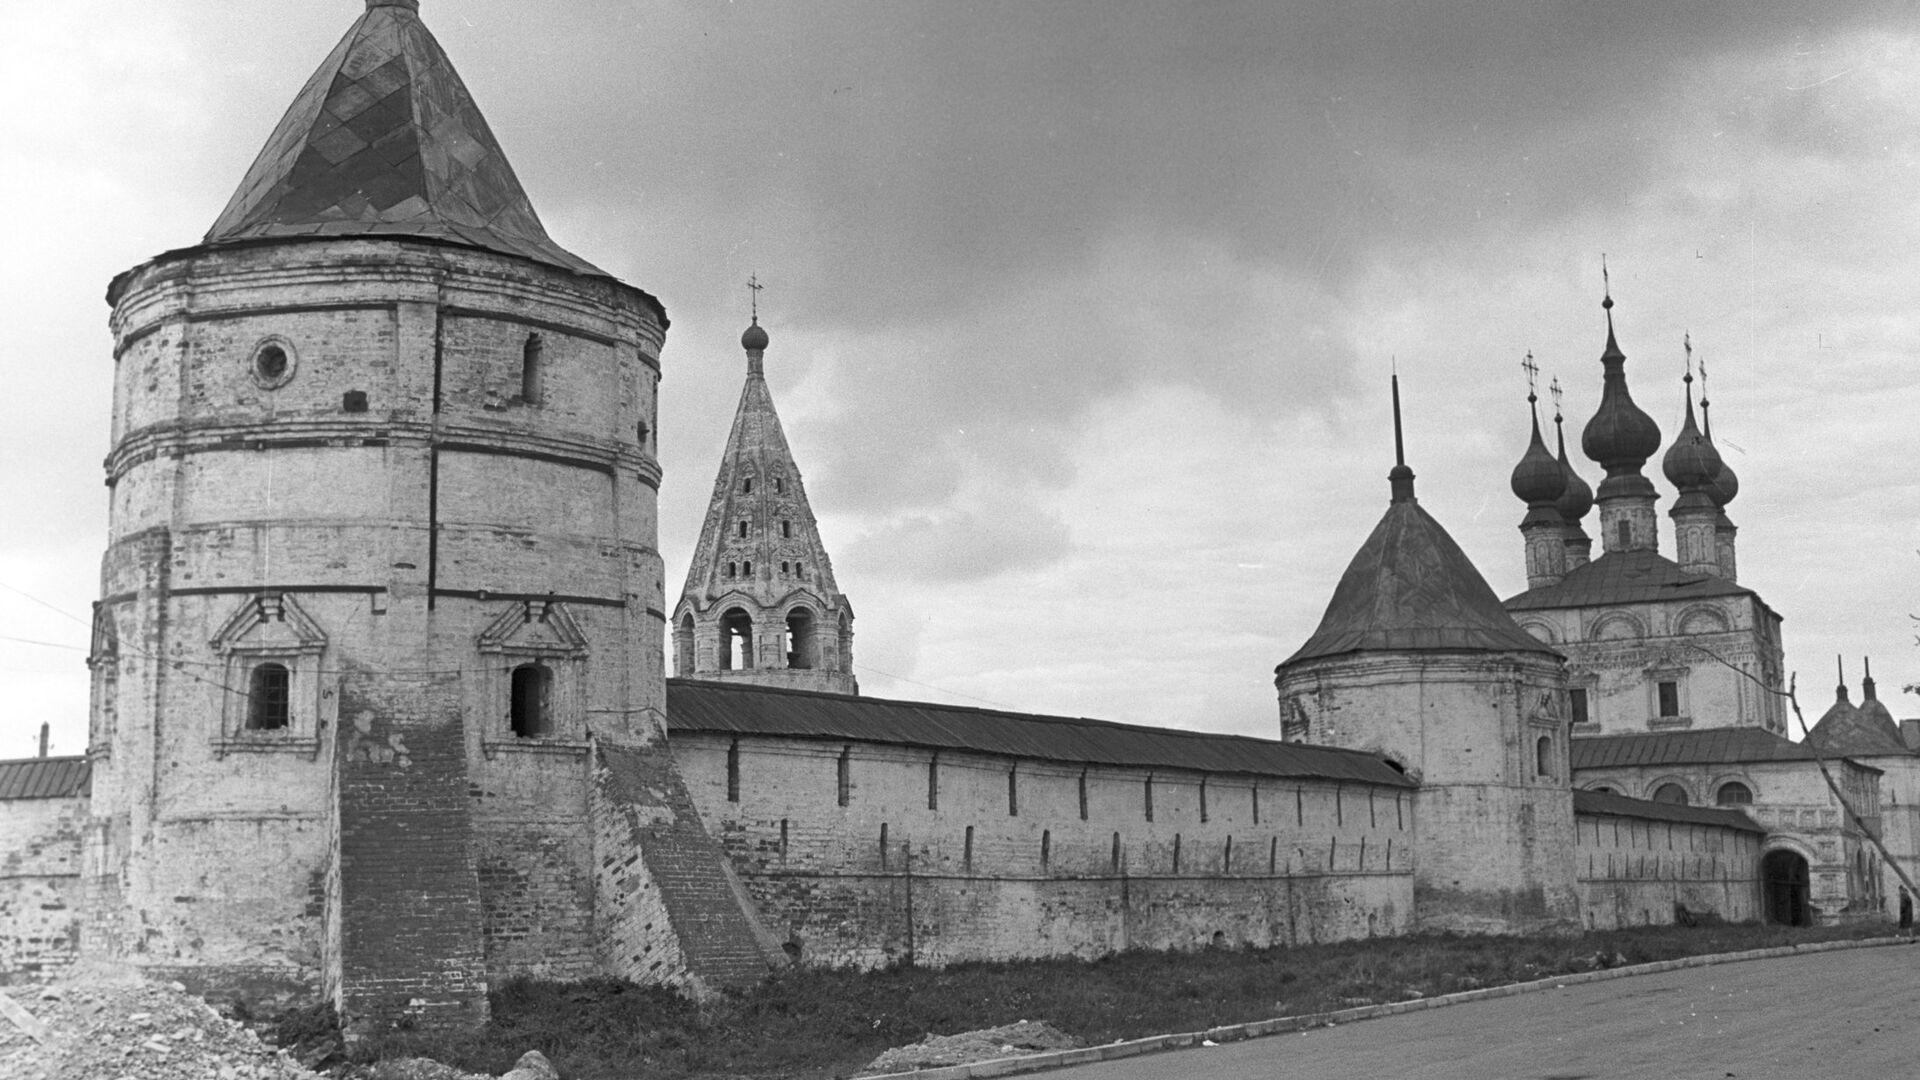 Михайло-Архангельский монастырь в Юрьеве-Польском - РИА Новости, 1920, 25.09.2020